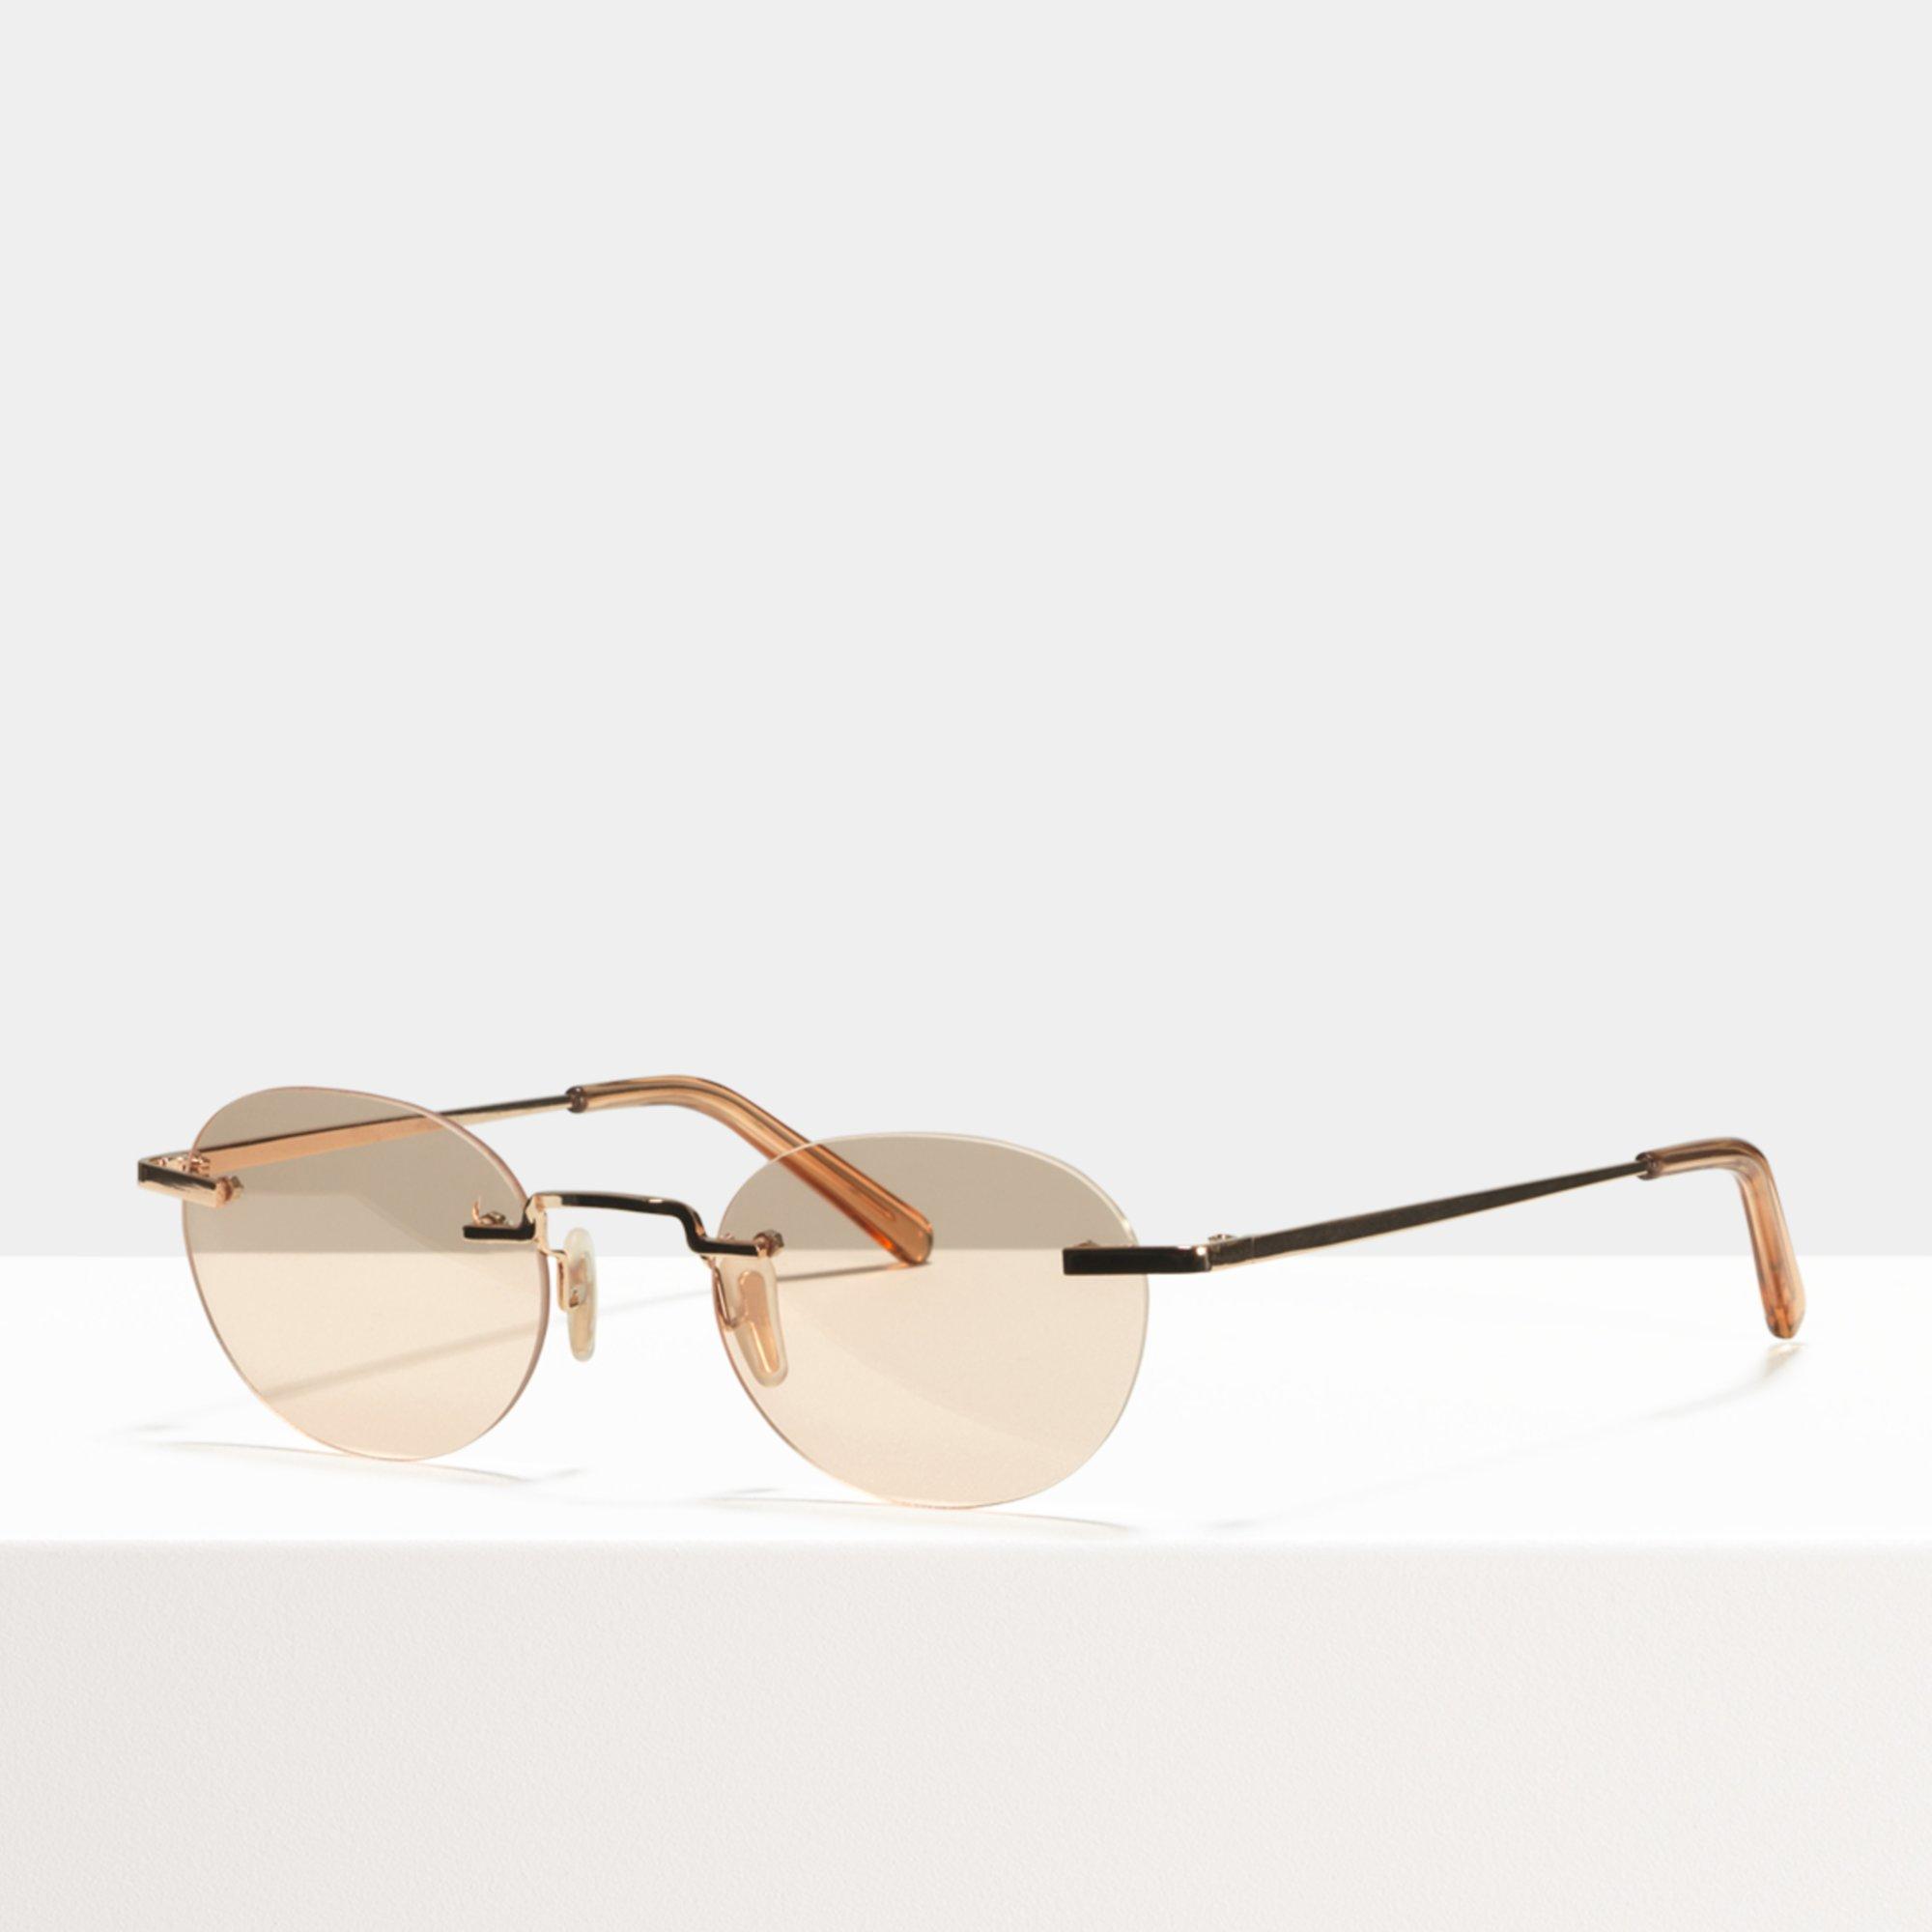 Ace & Tate Sunglasses |  titanium in Orange